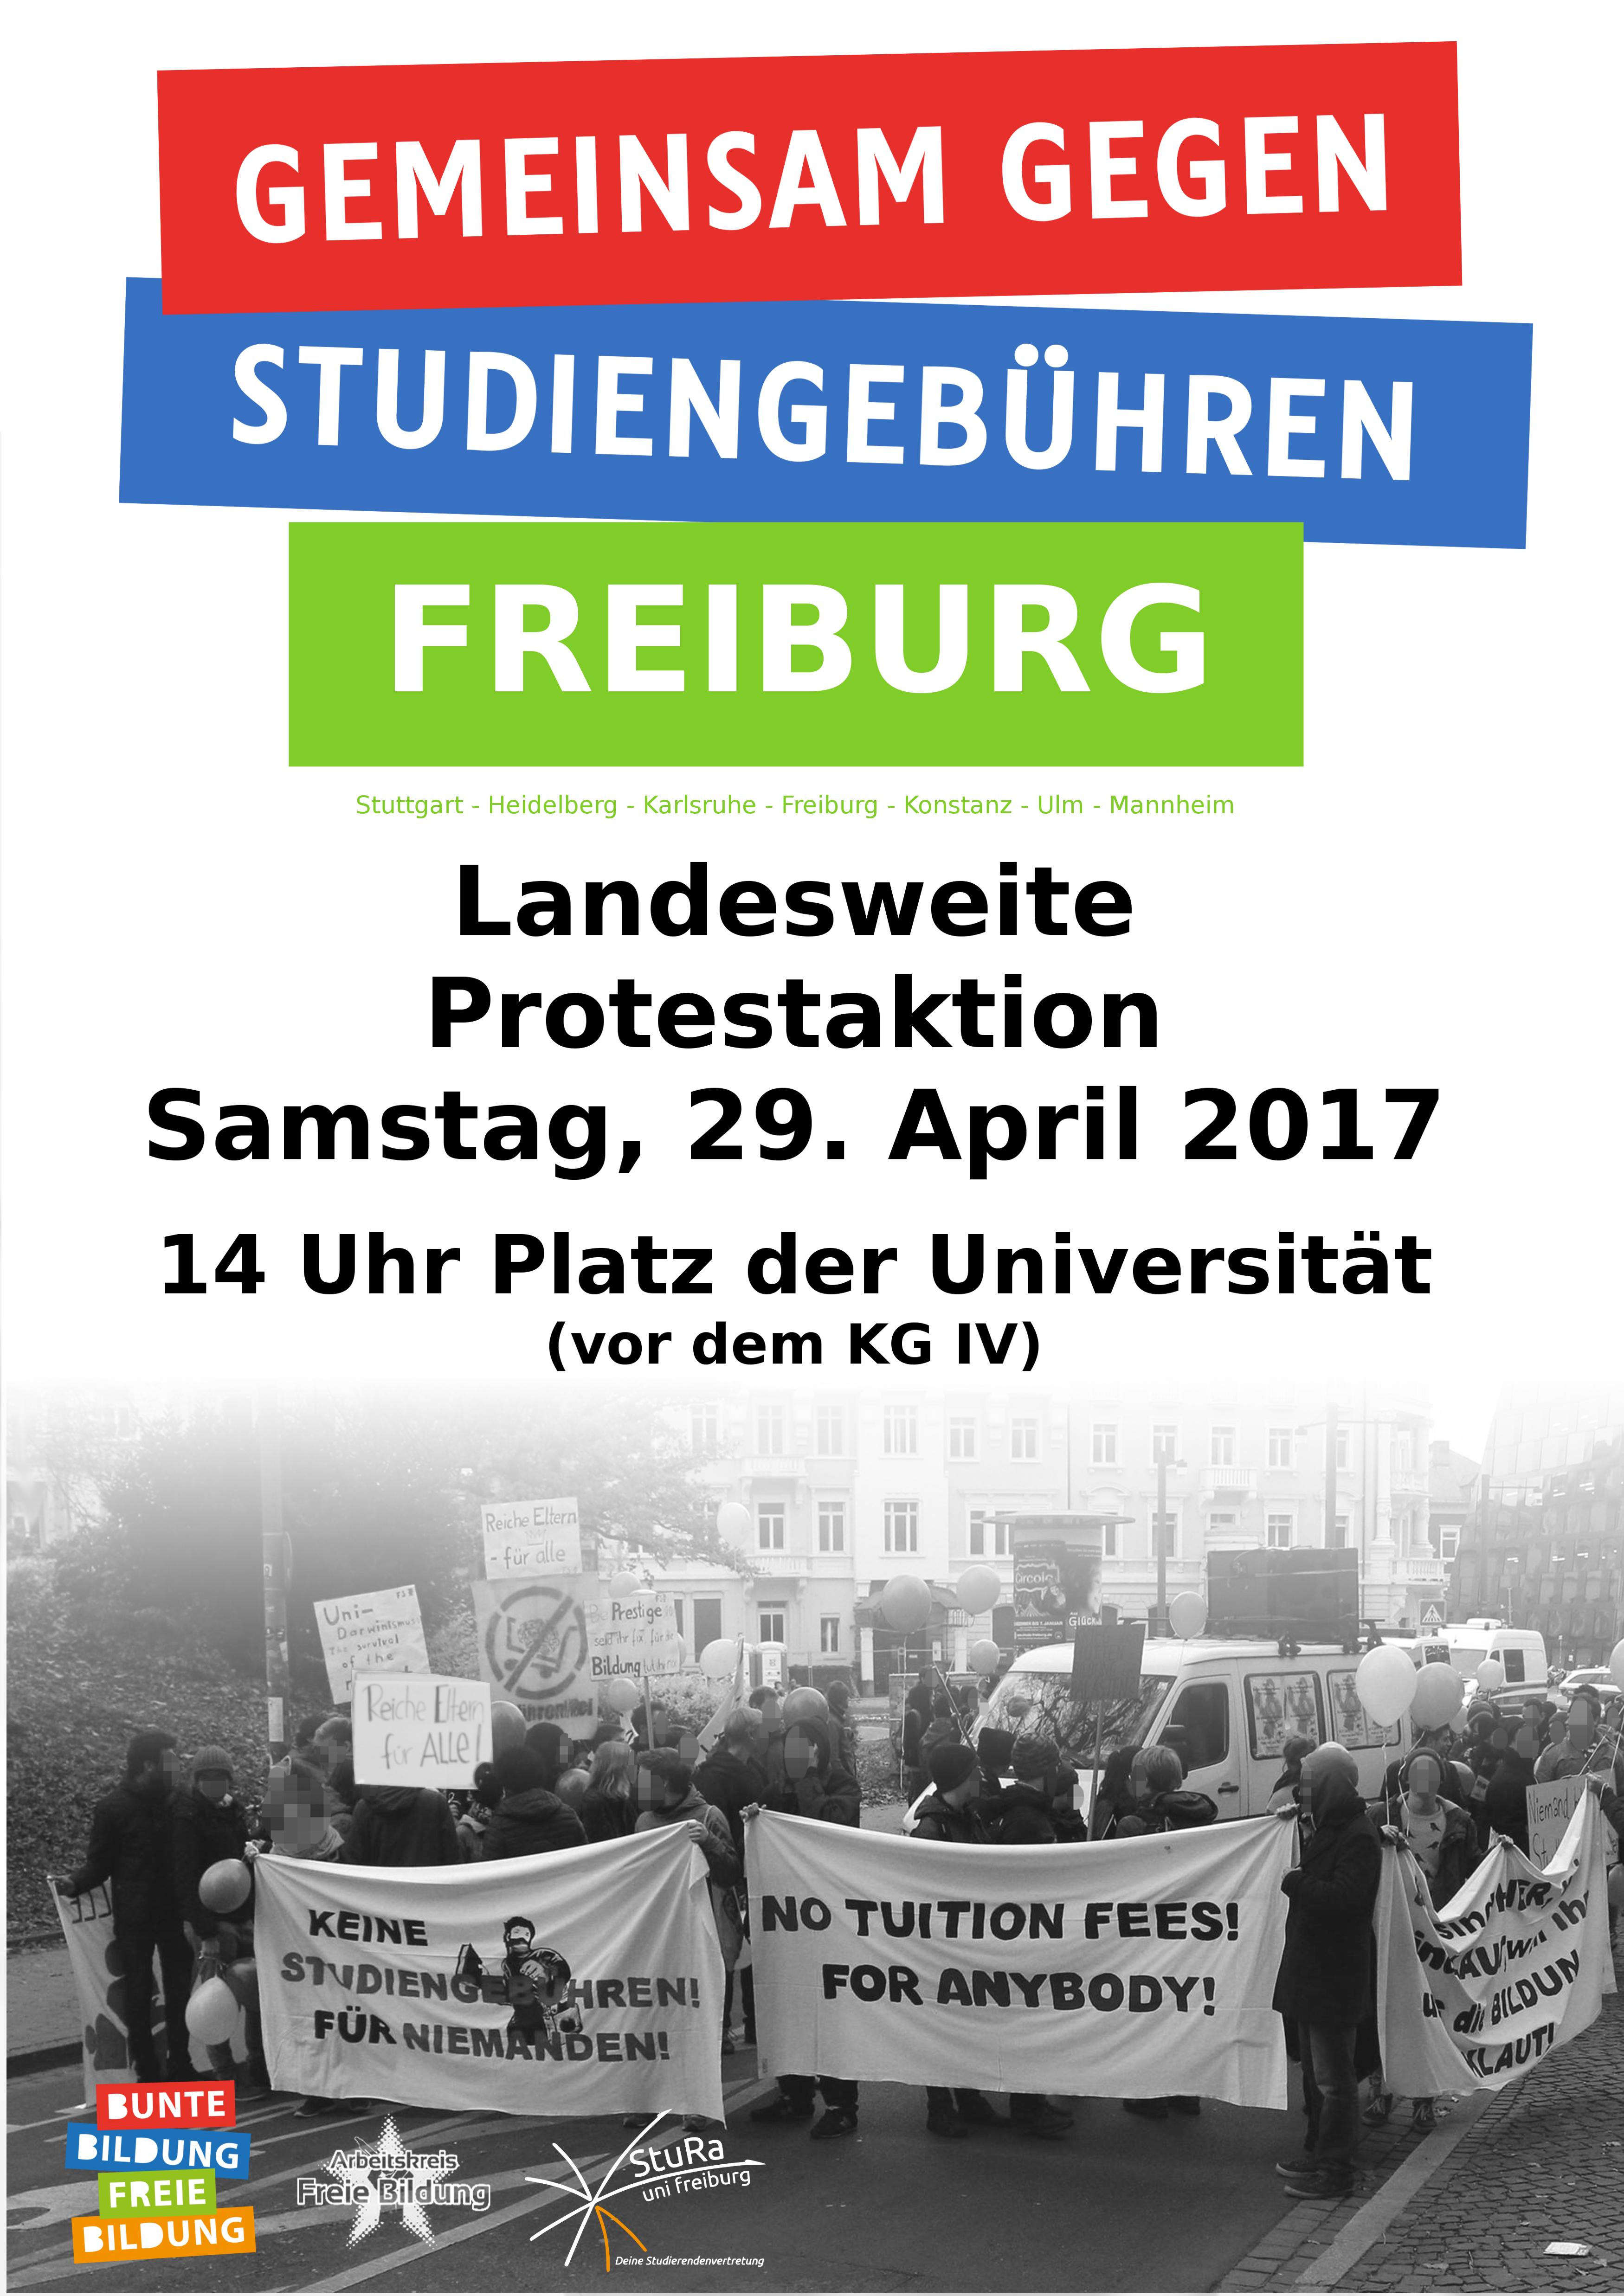 Aufruf: Gemeinsam gegen Studiengebühren! - Landesweite Proteste am 29. April!